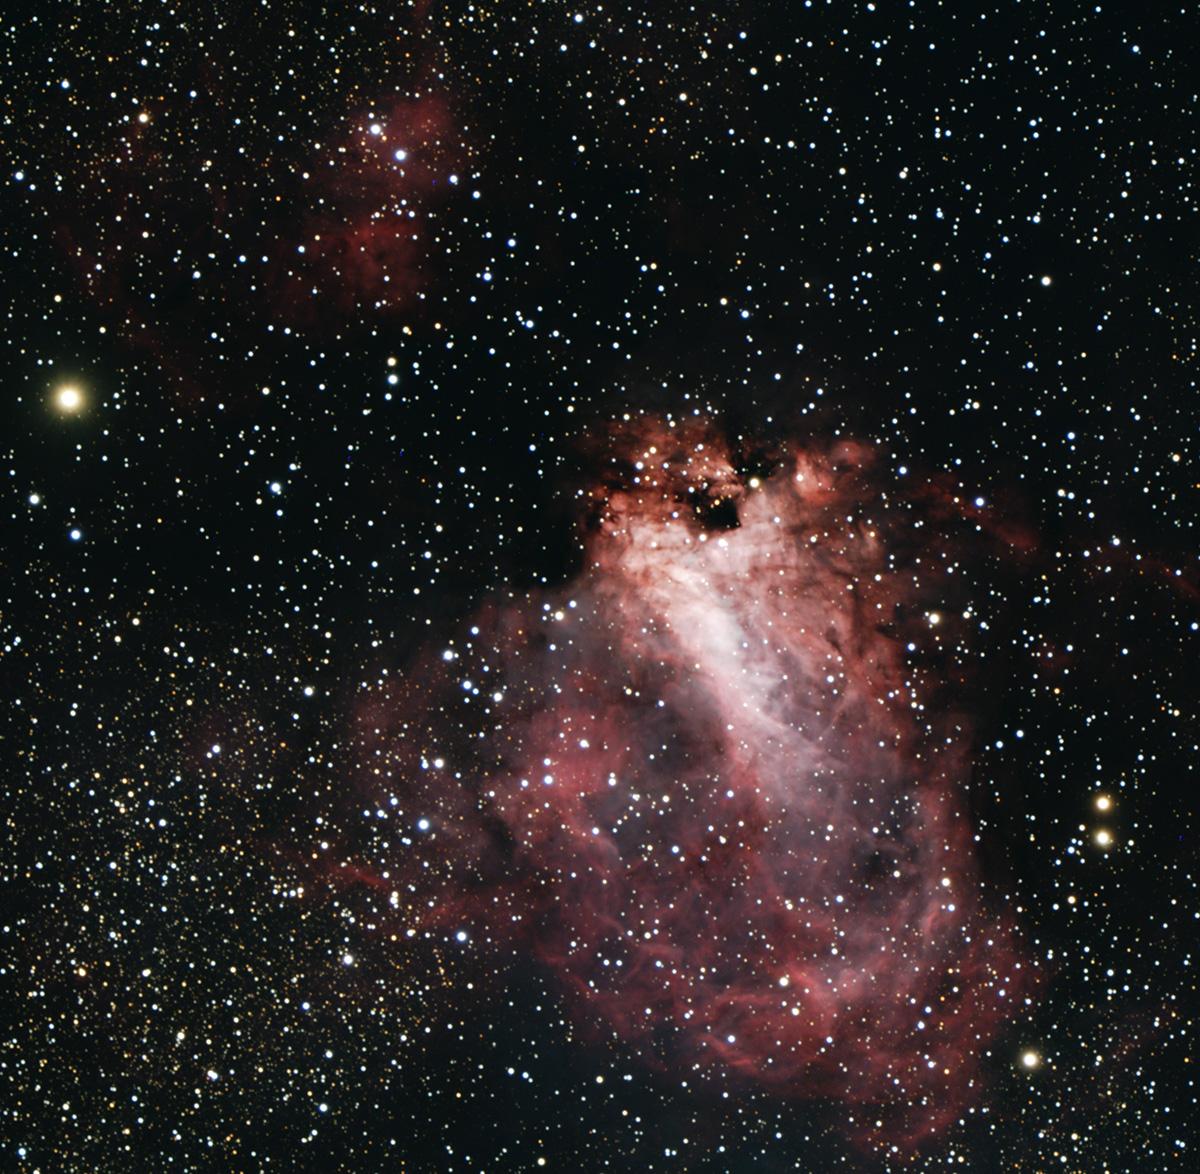 nebula m17 - photo #20